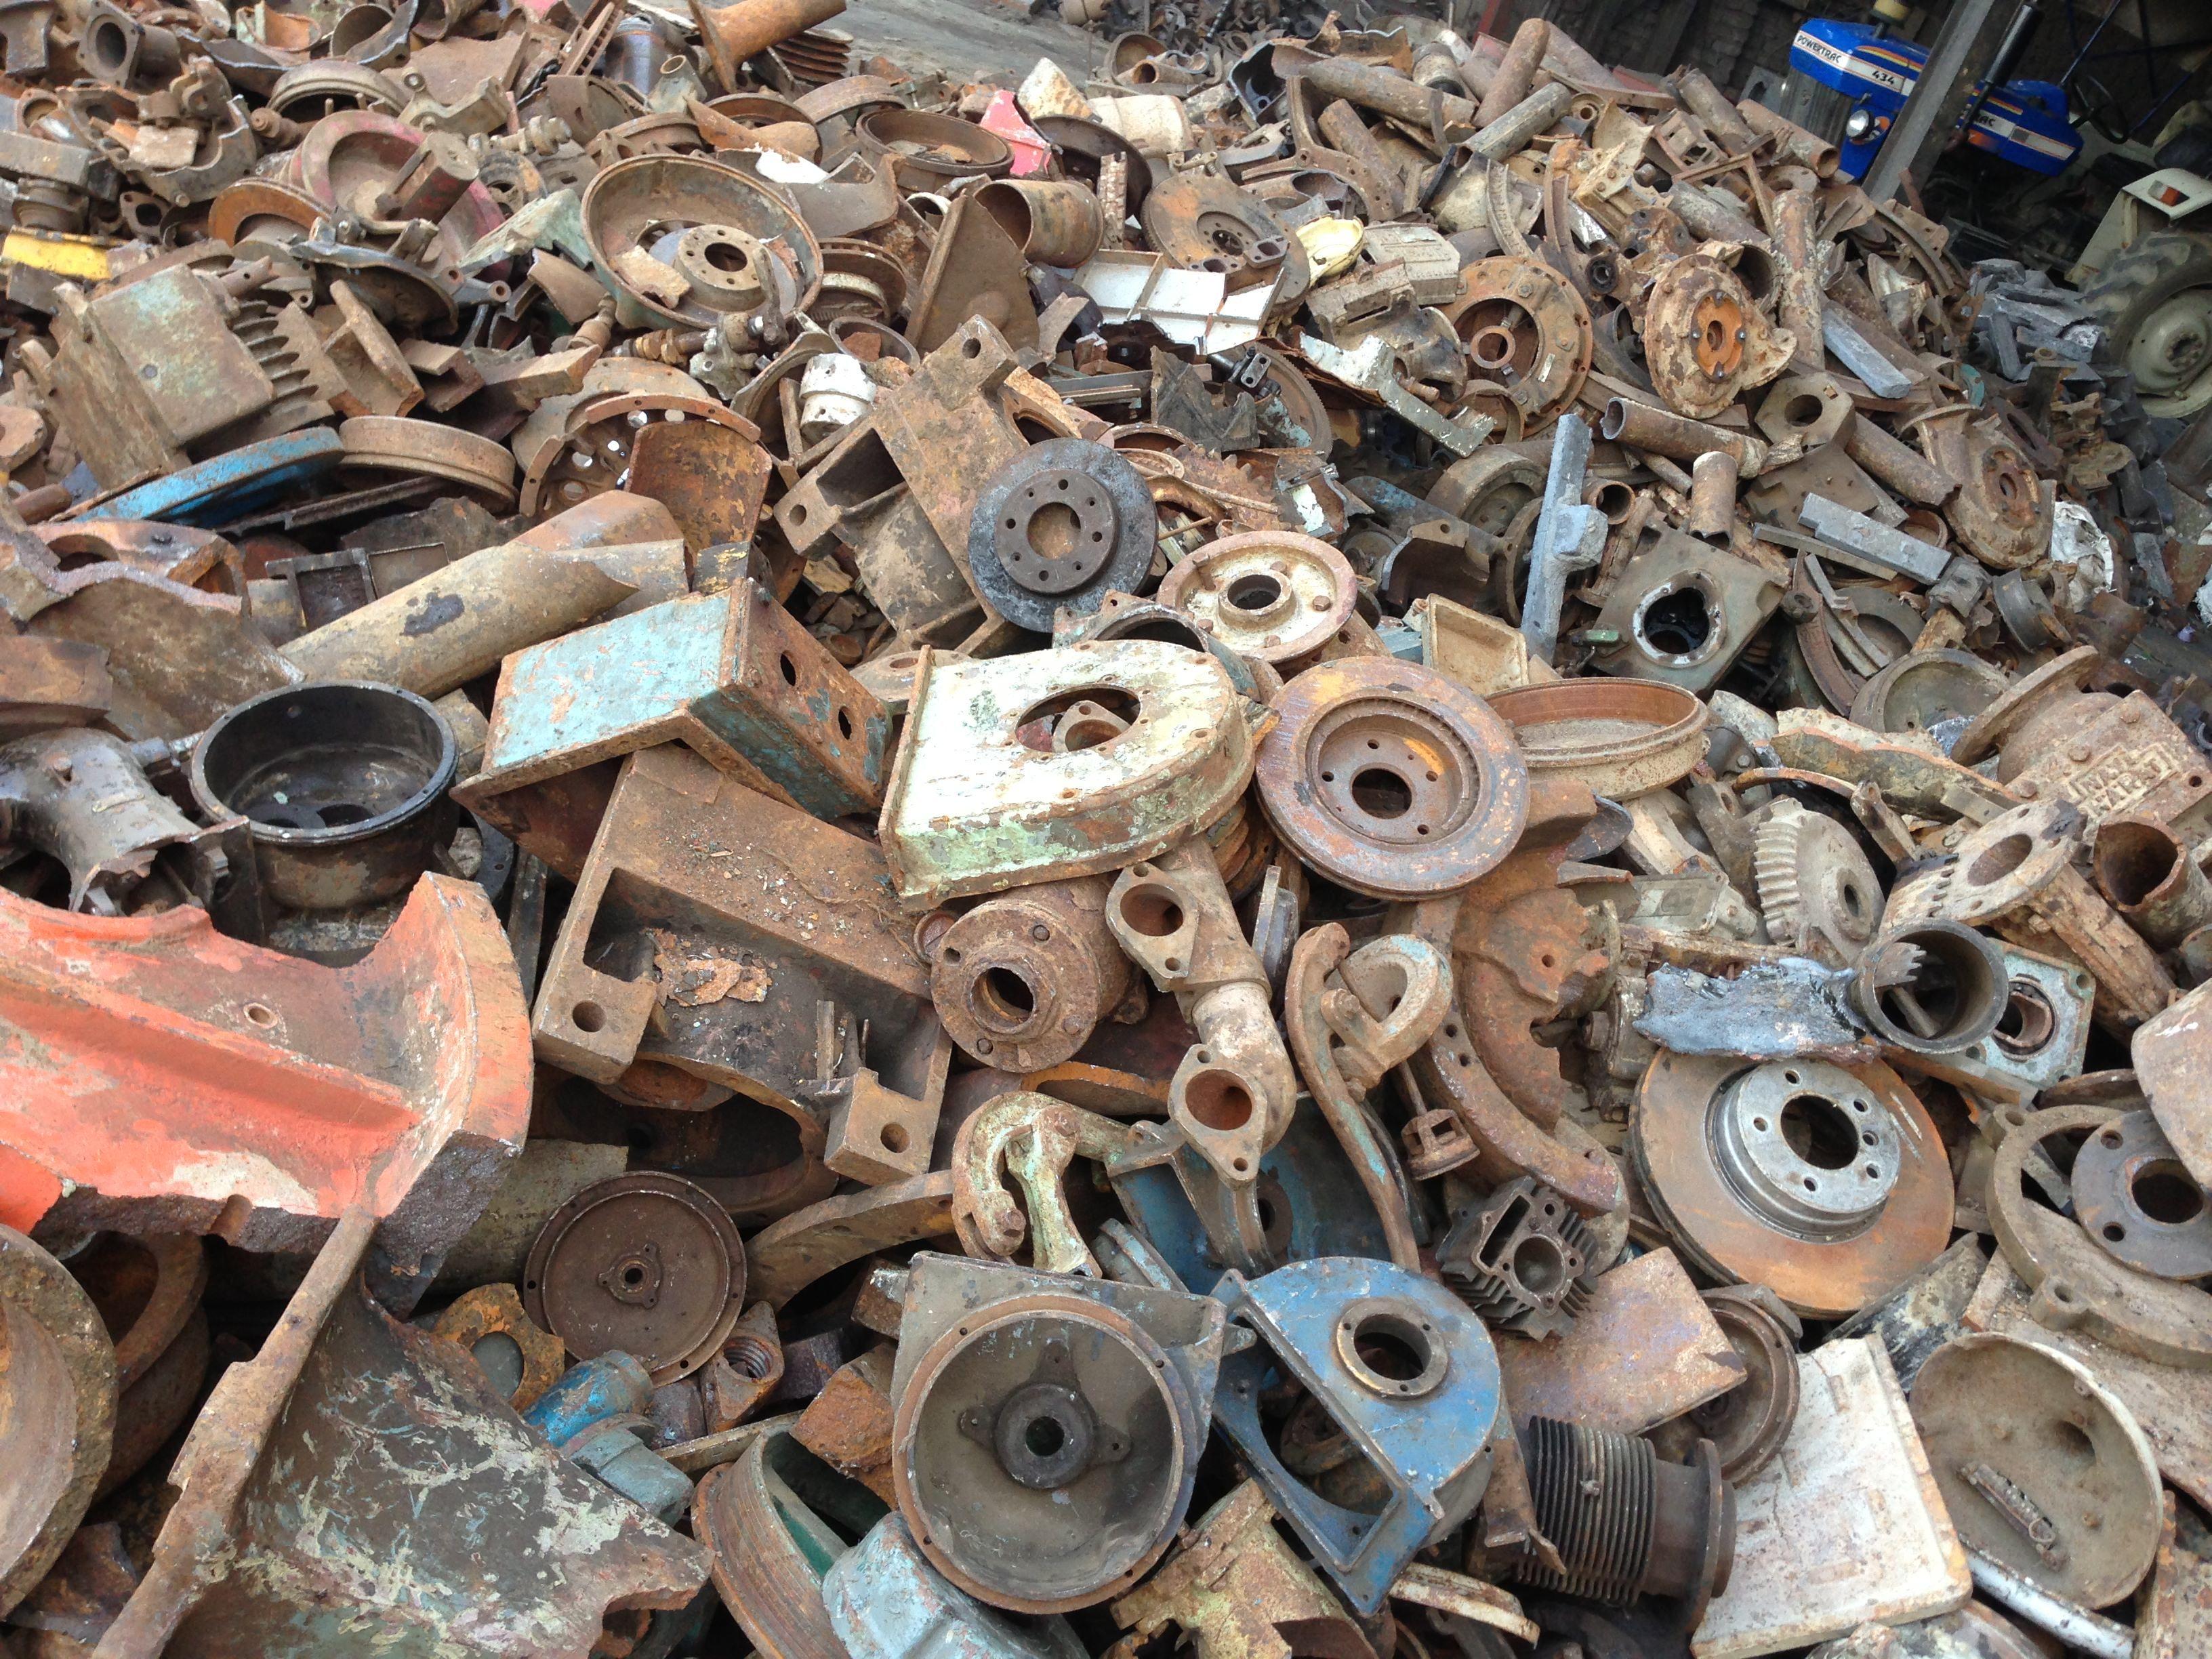 Craps of iron